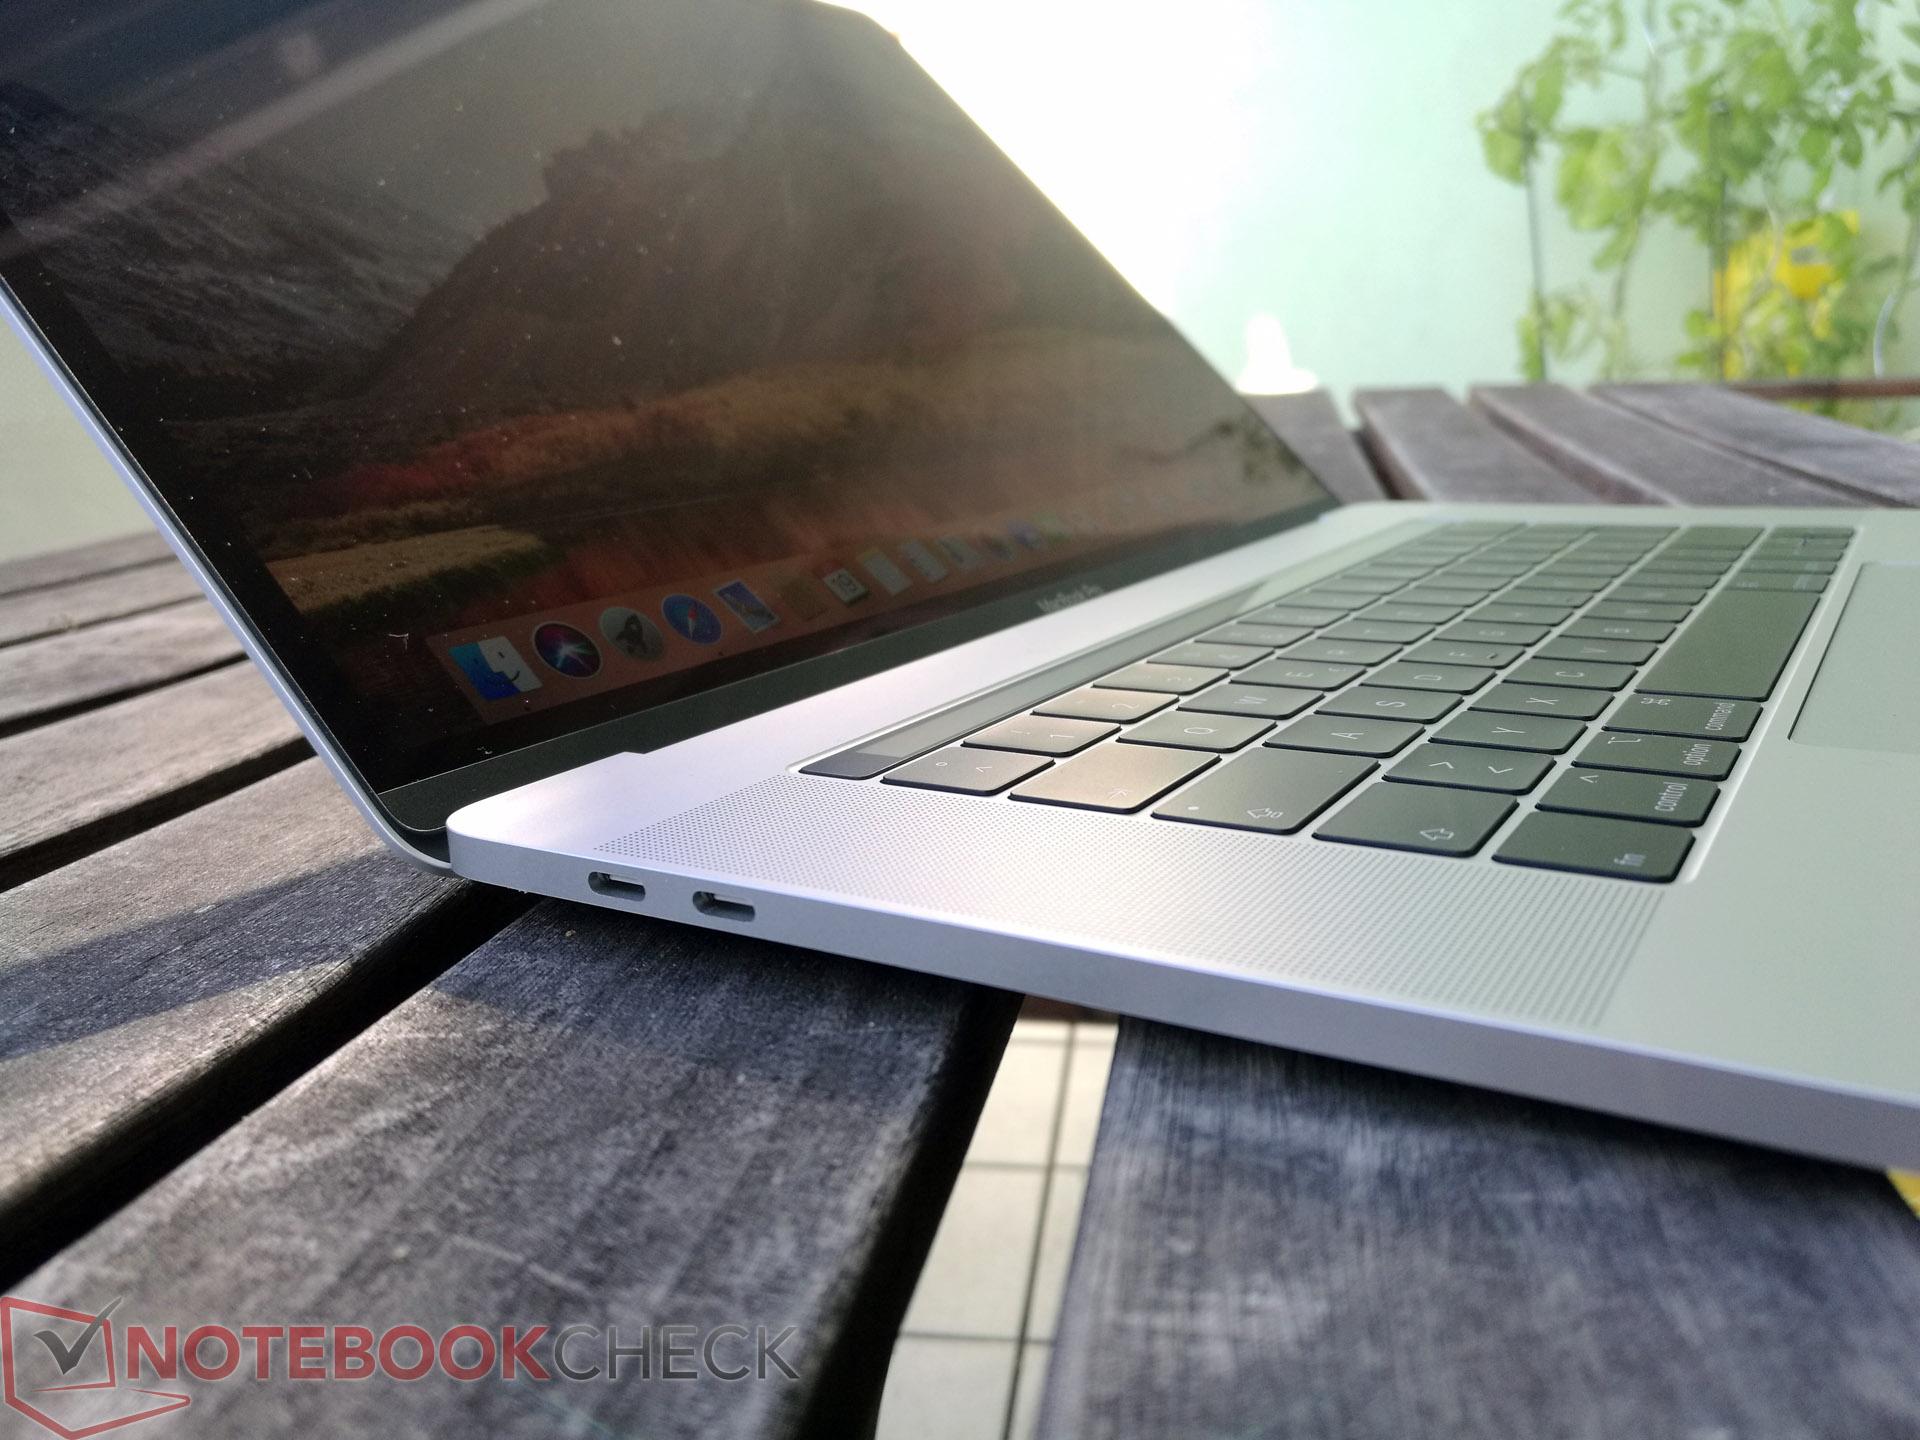 gta 5 for macbook pro